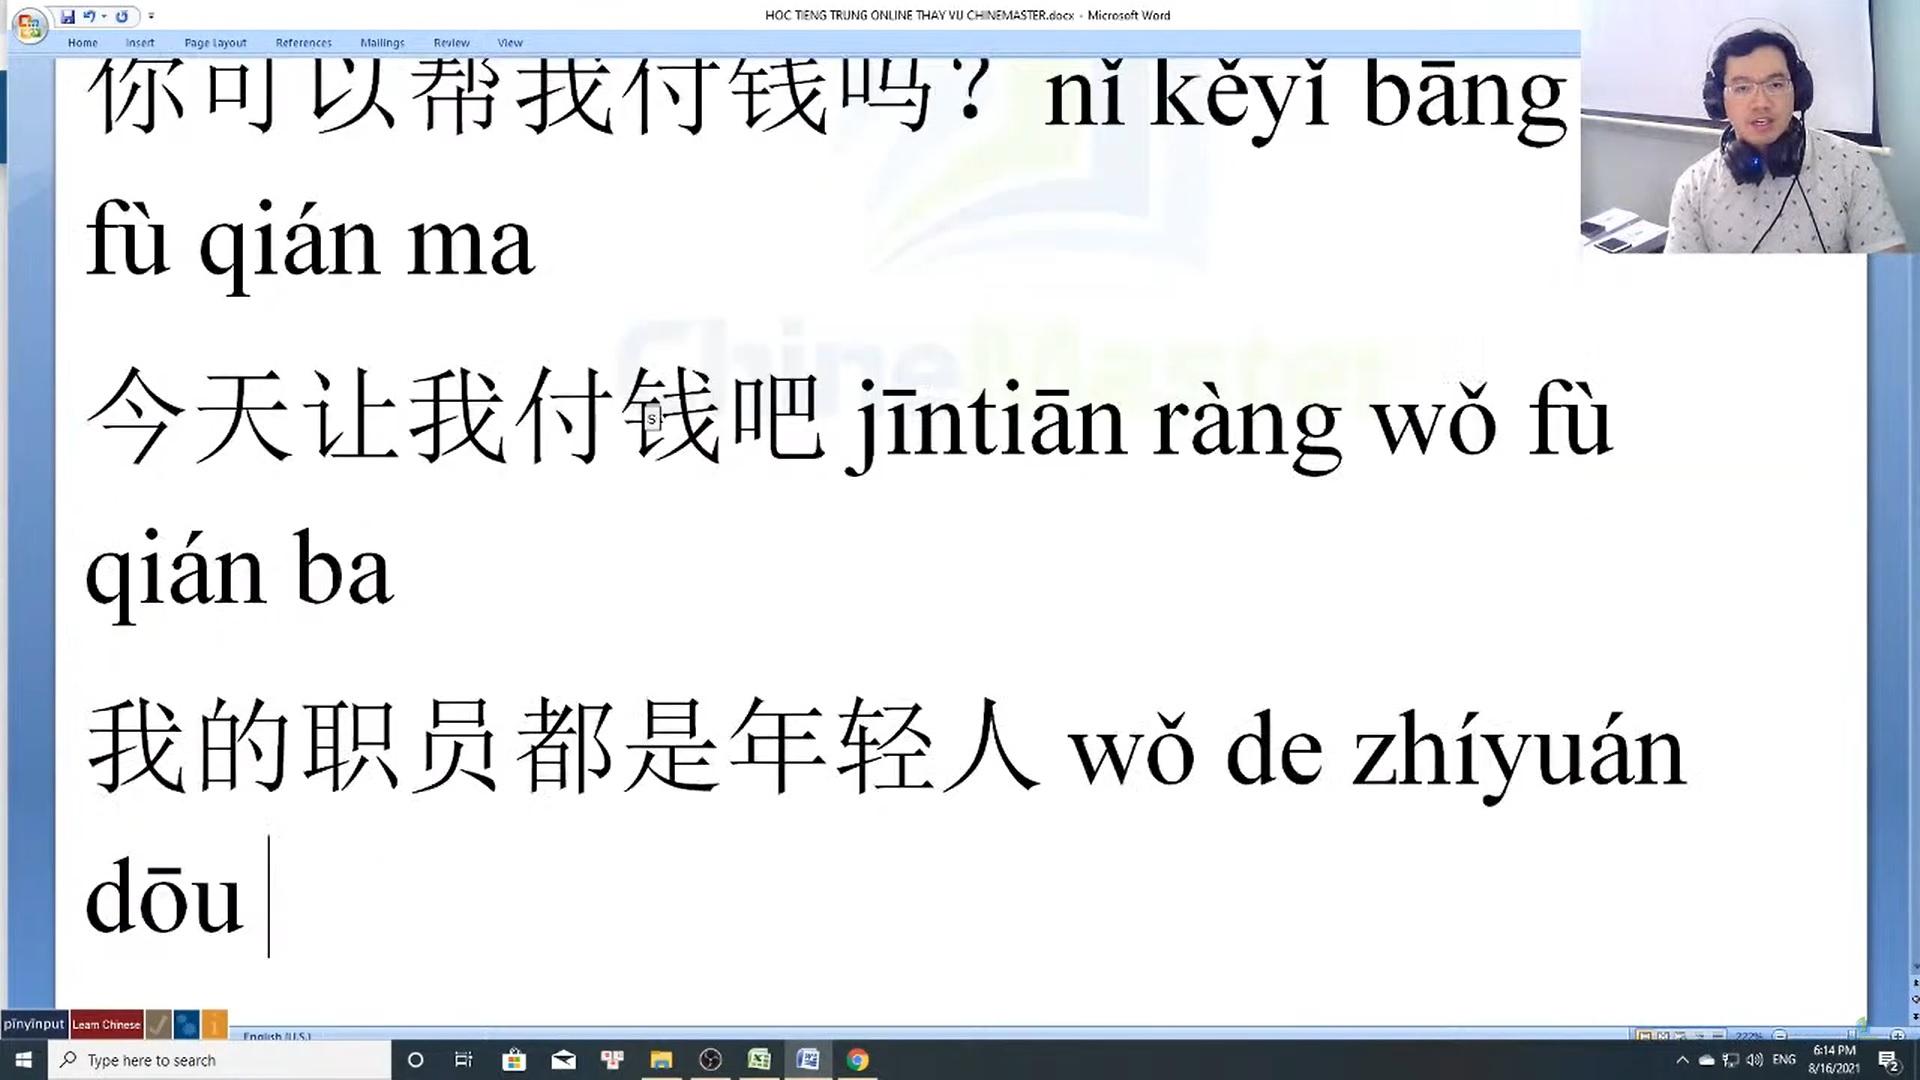 Giáo trình tiếng Trung thương mại luyện nghe nói giao tiếp